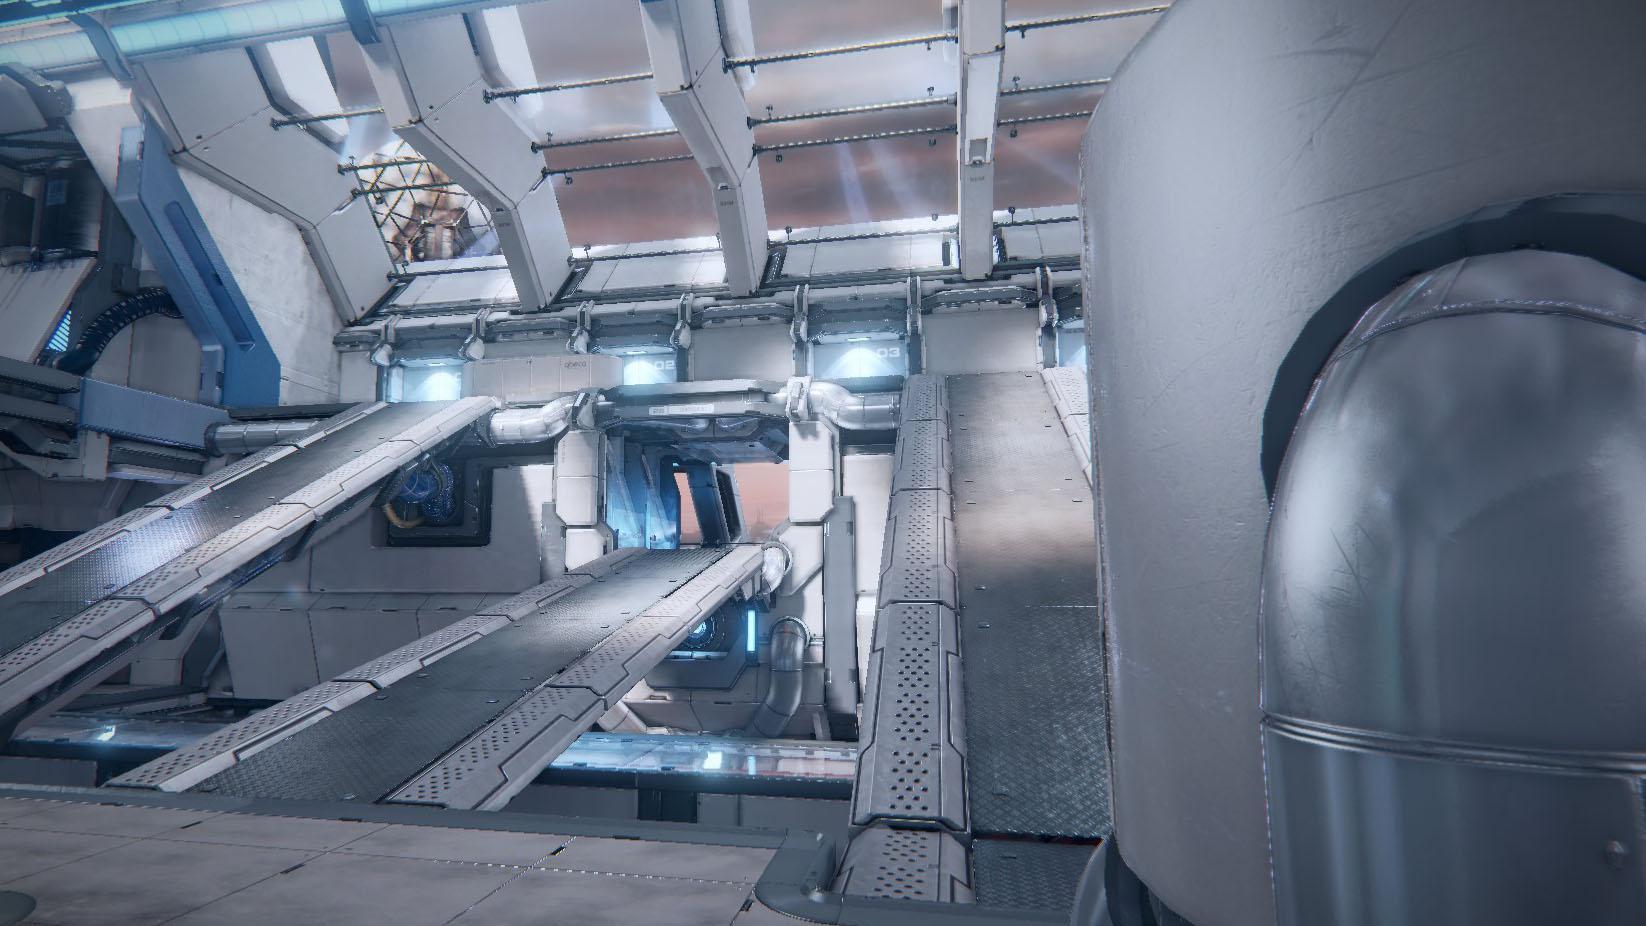 公式マップ「DEKK」は『UT』シリーズに収録された定番マップのクローンだ。これを例にアリーナシューターの遊びかたを紹介する。